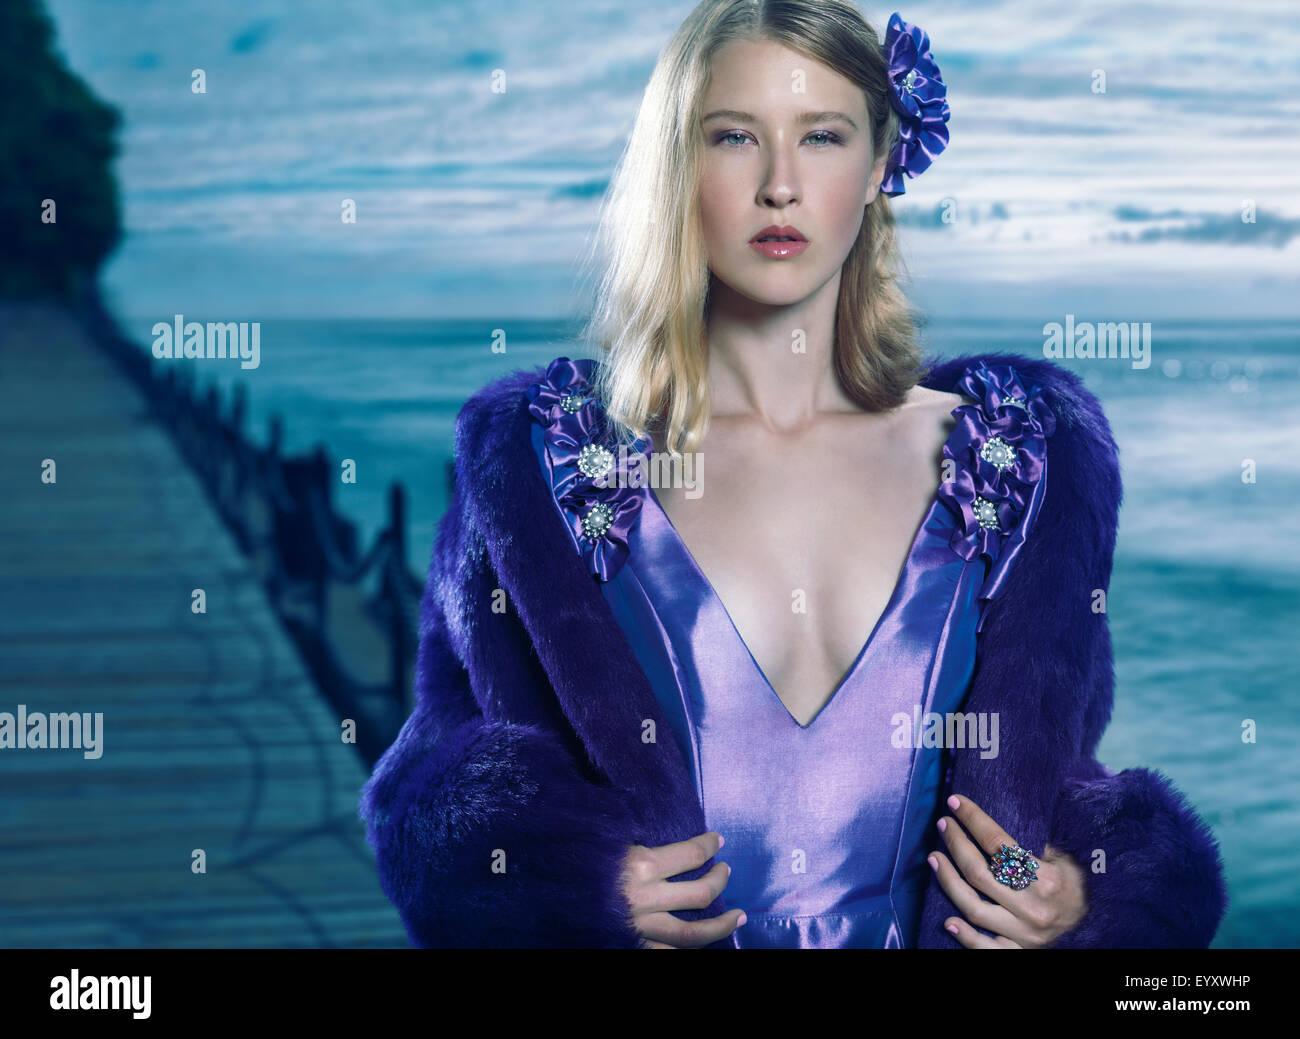 Belleza retrato de una joven rubia hermosa mujer vistiendo un traje de noche azul y una chaqueta de piel al aire Imagen De Stock